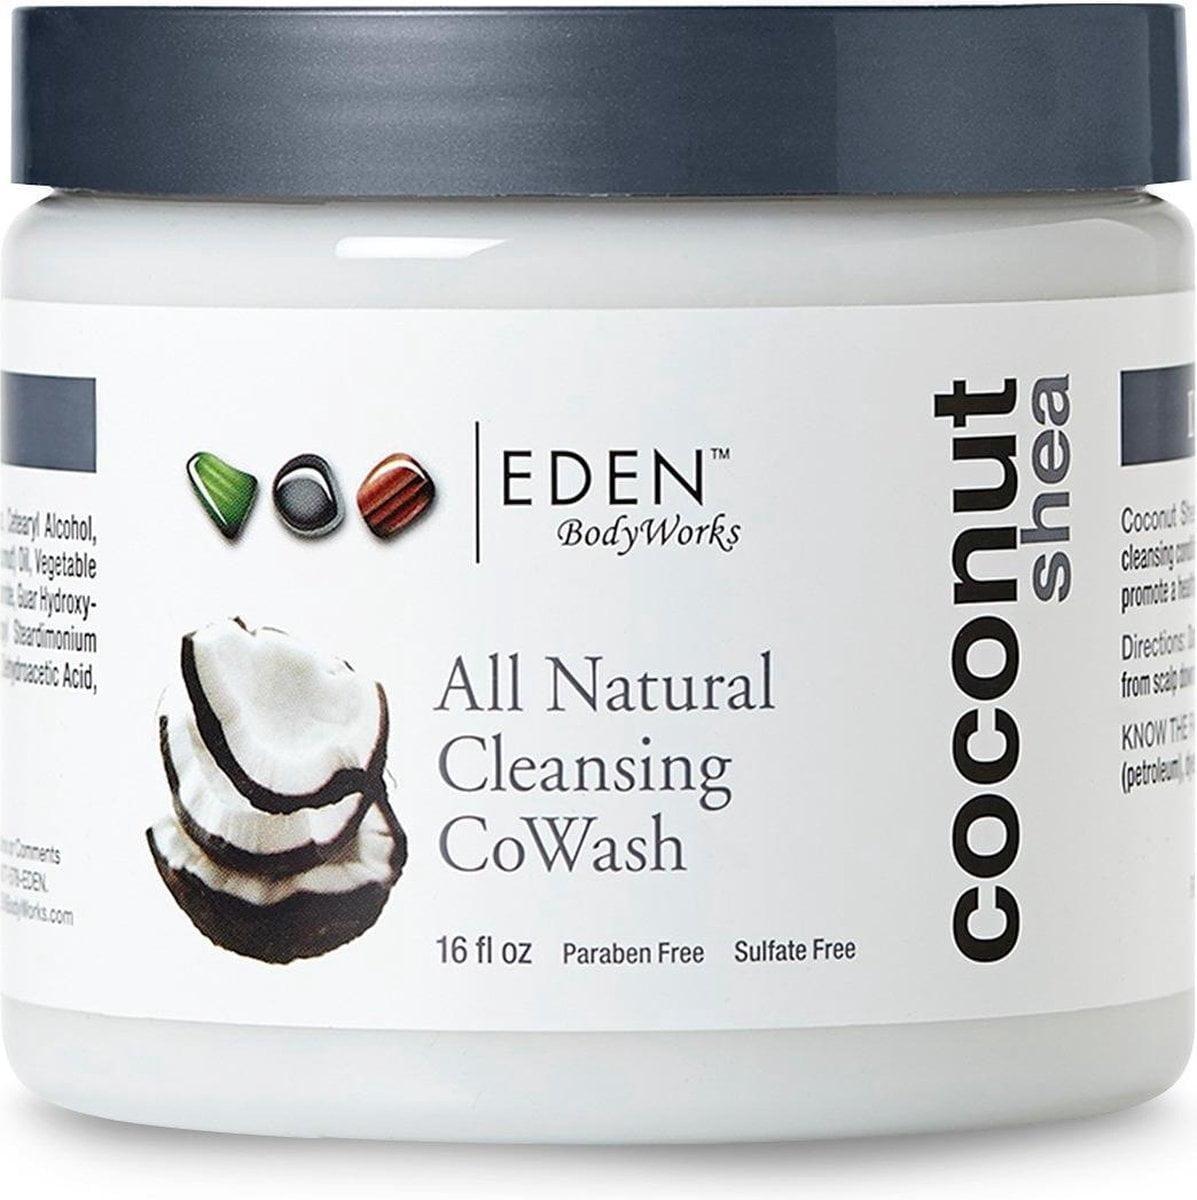 Eden Bodyworks Coconut Shea Cleansing Co Wash 443 gr